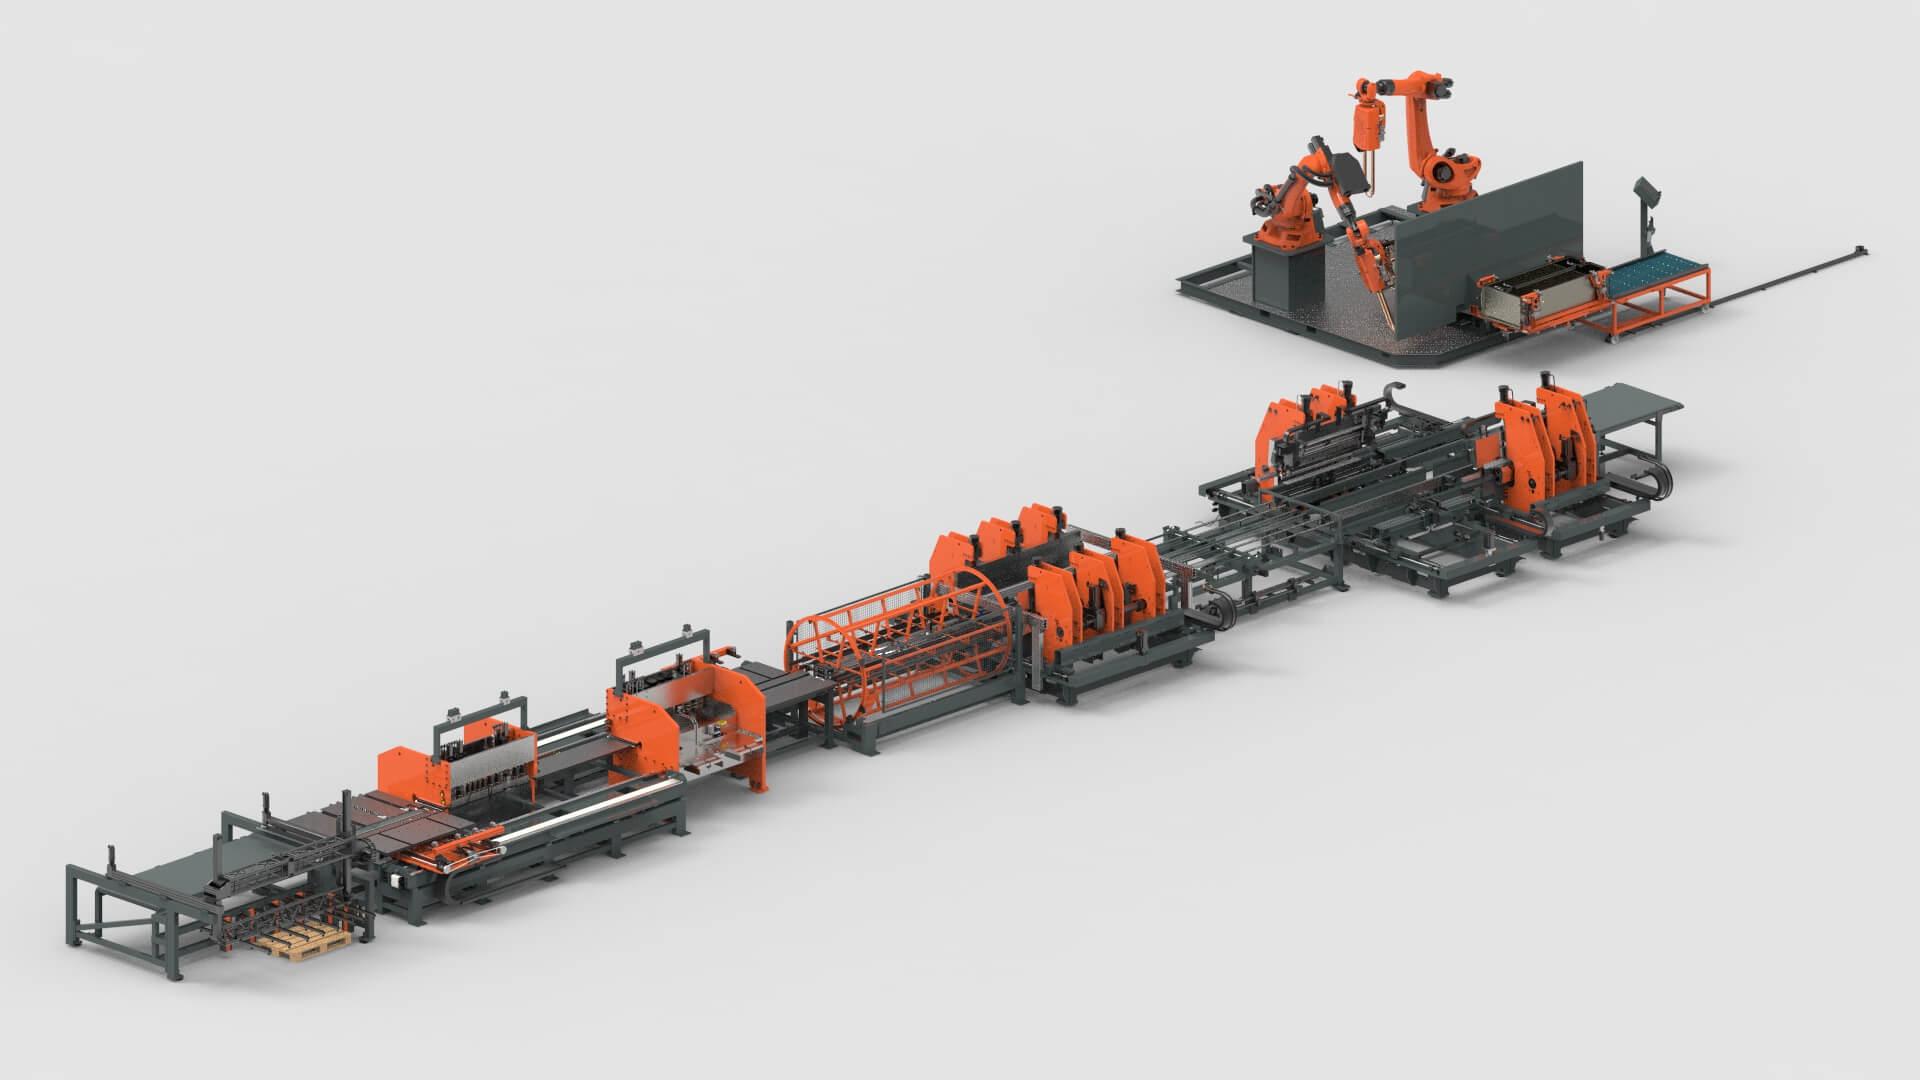 wemo-stalen-kasten-plaatbewerking-ponsen-buigen-robot-lassen-productielijn.jpg